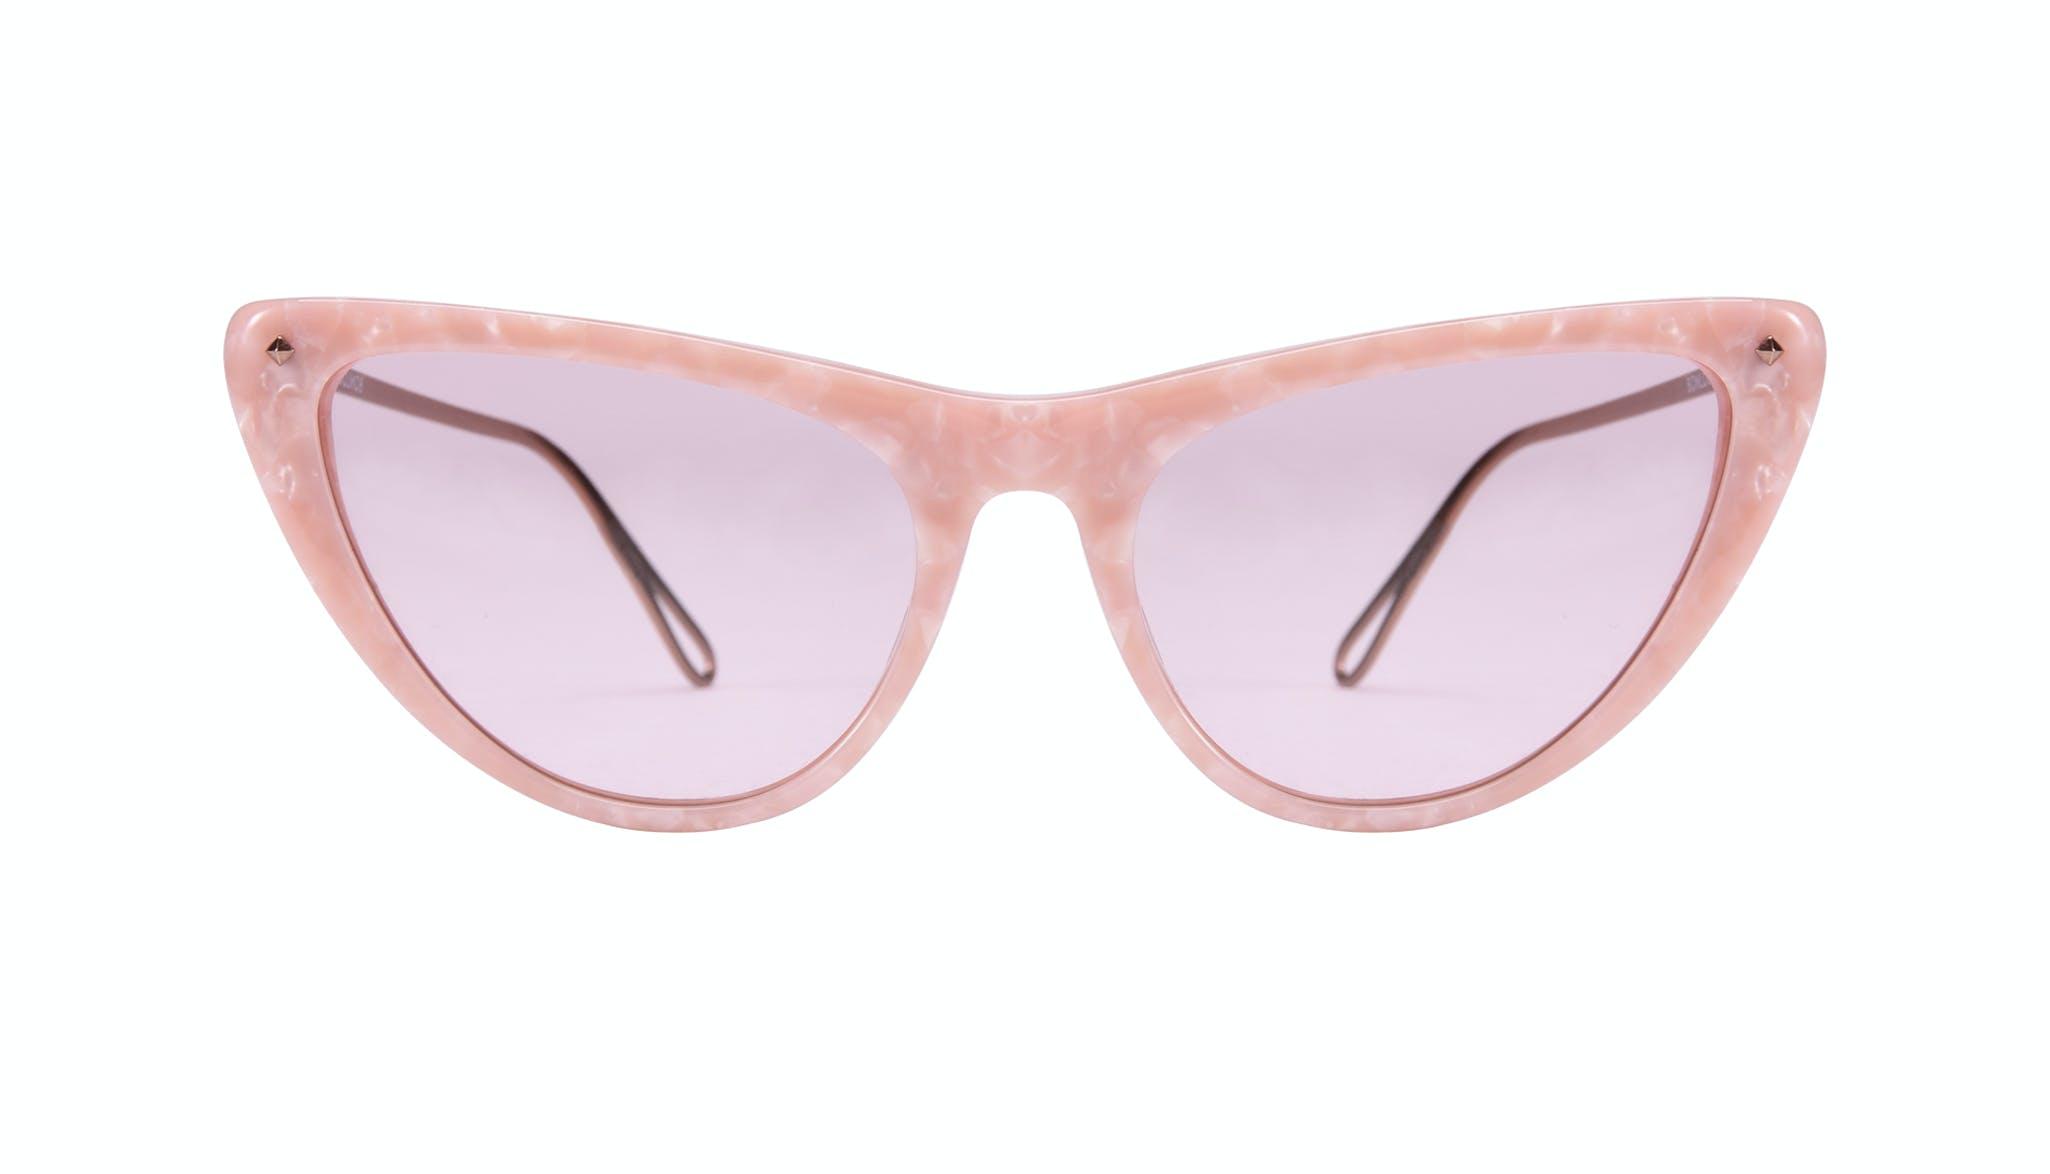 Lunettes tendance Oeil de chat Lunettes de soleil Femmes Celeste Rose